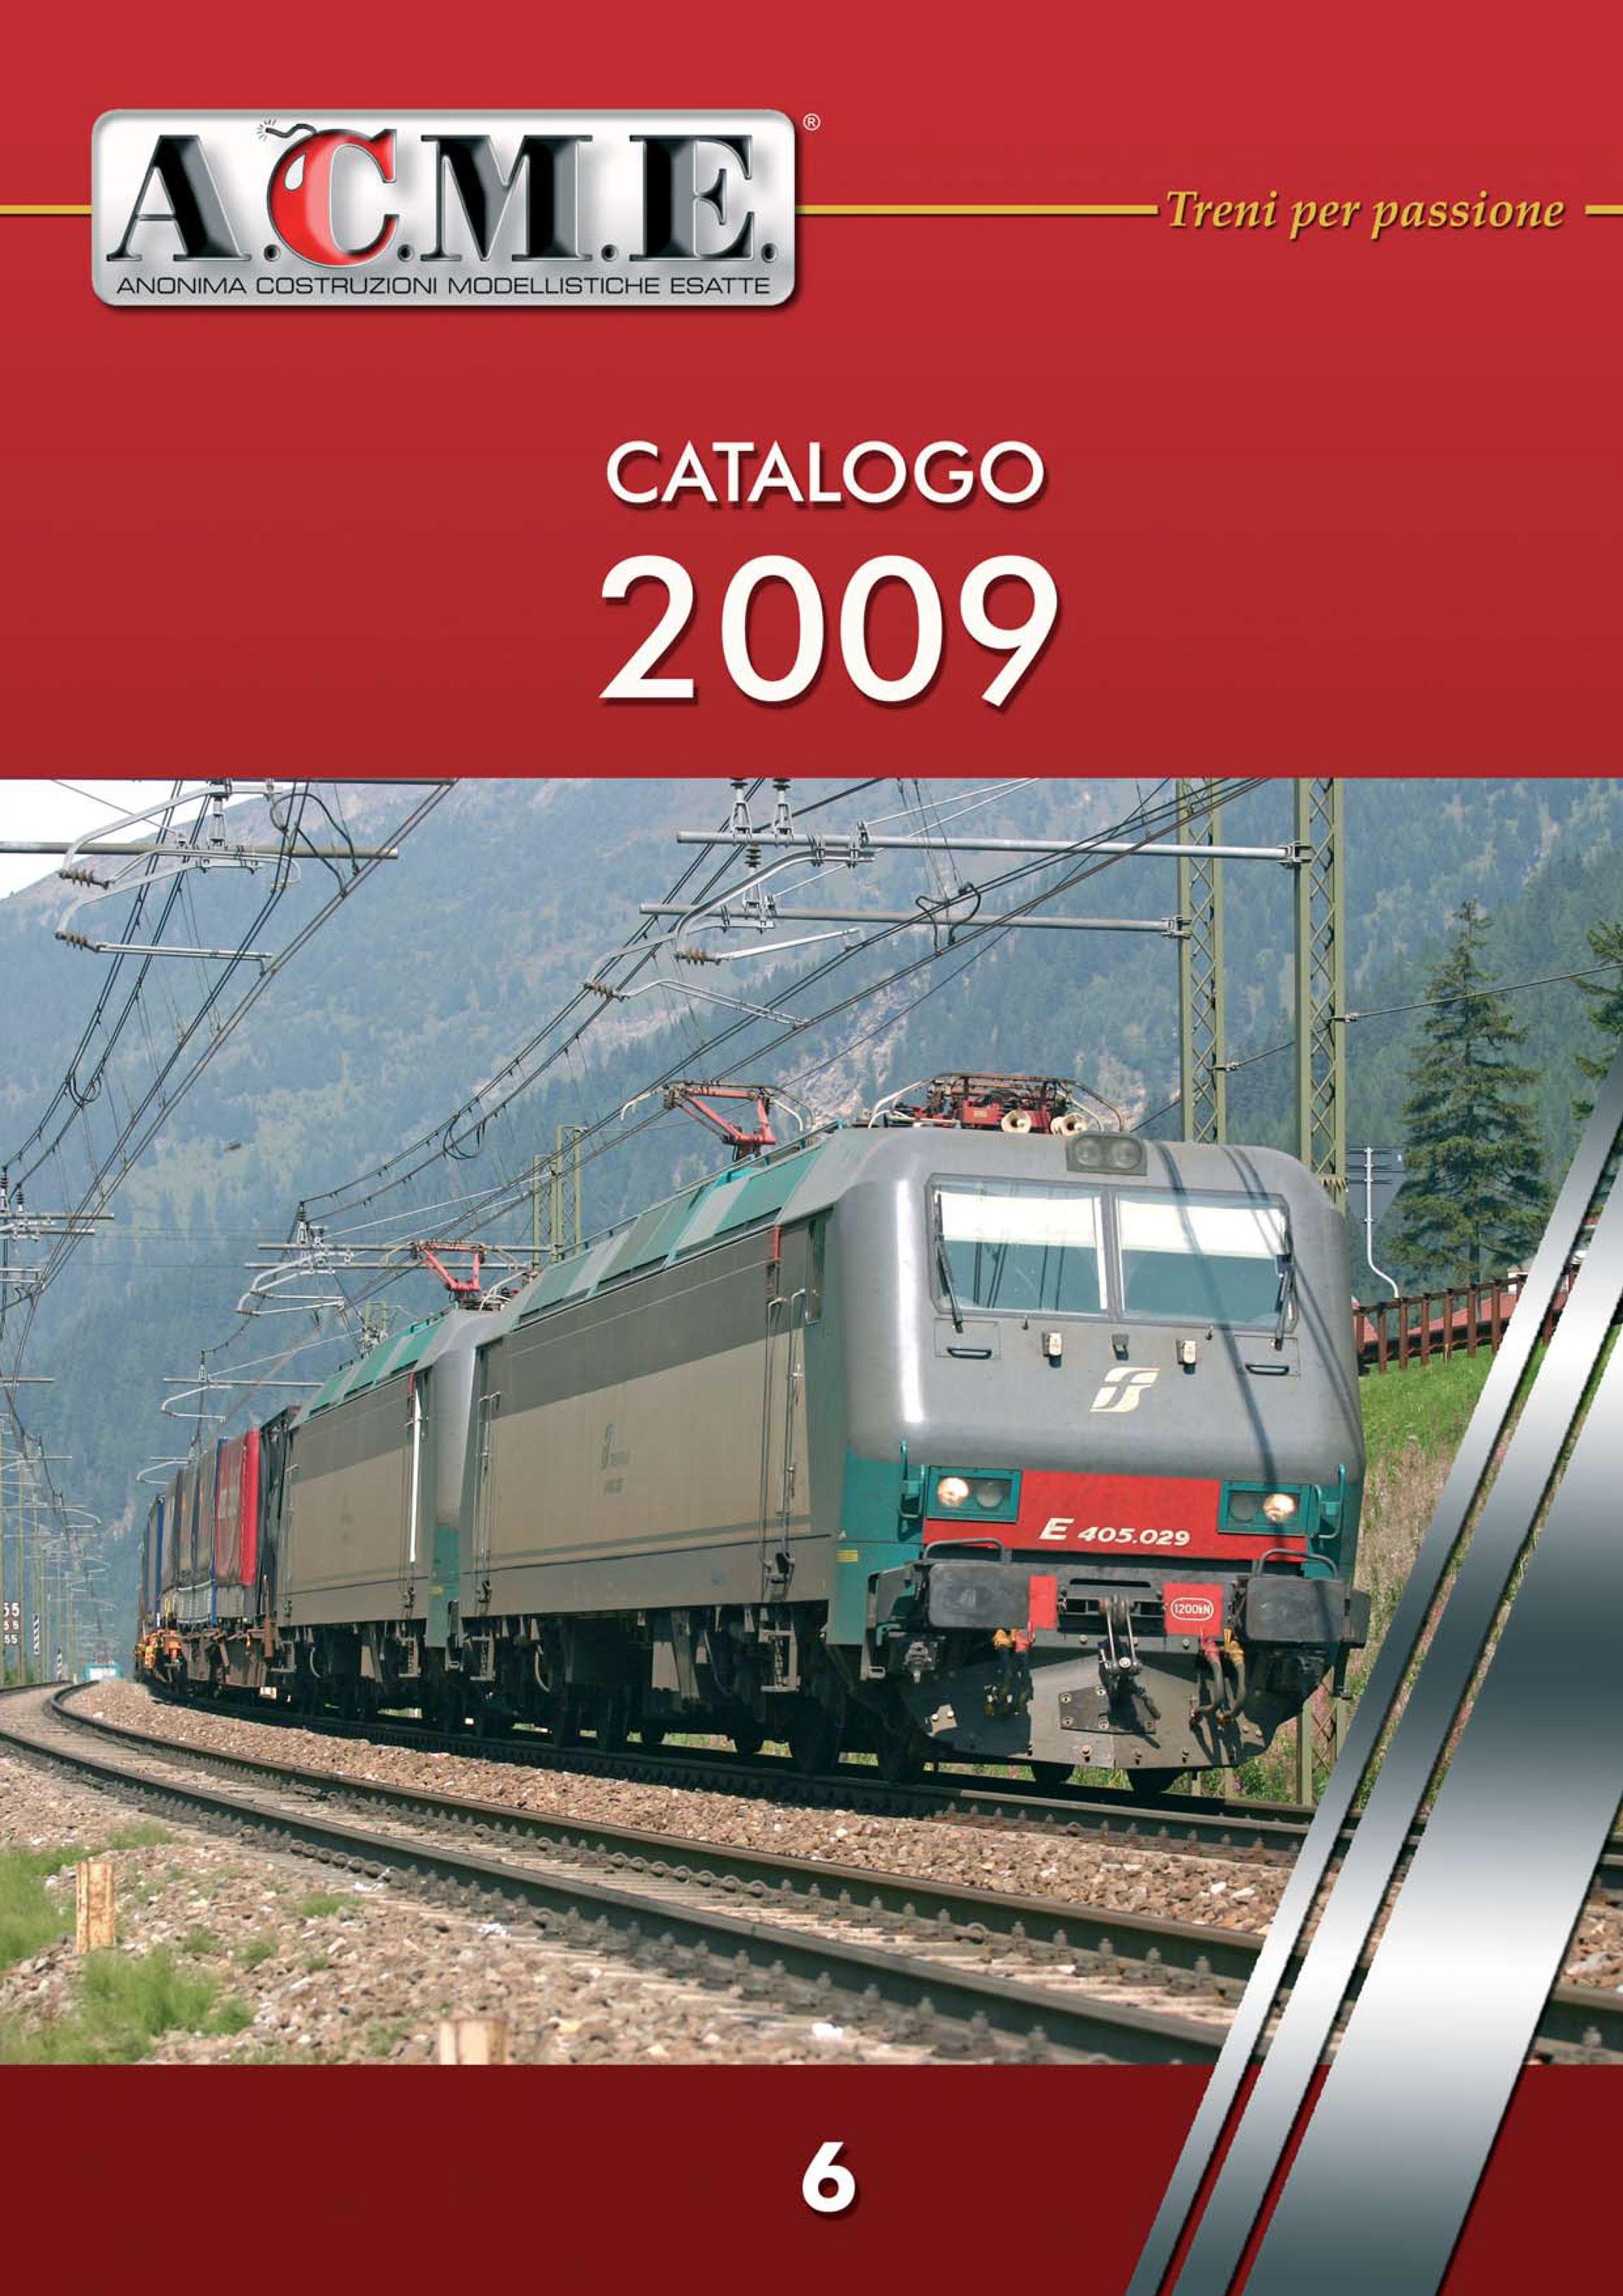 A.C.M.E - Catalog 2009